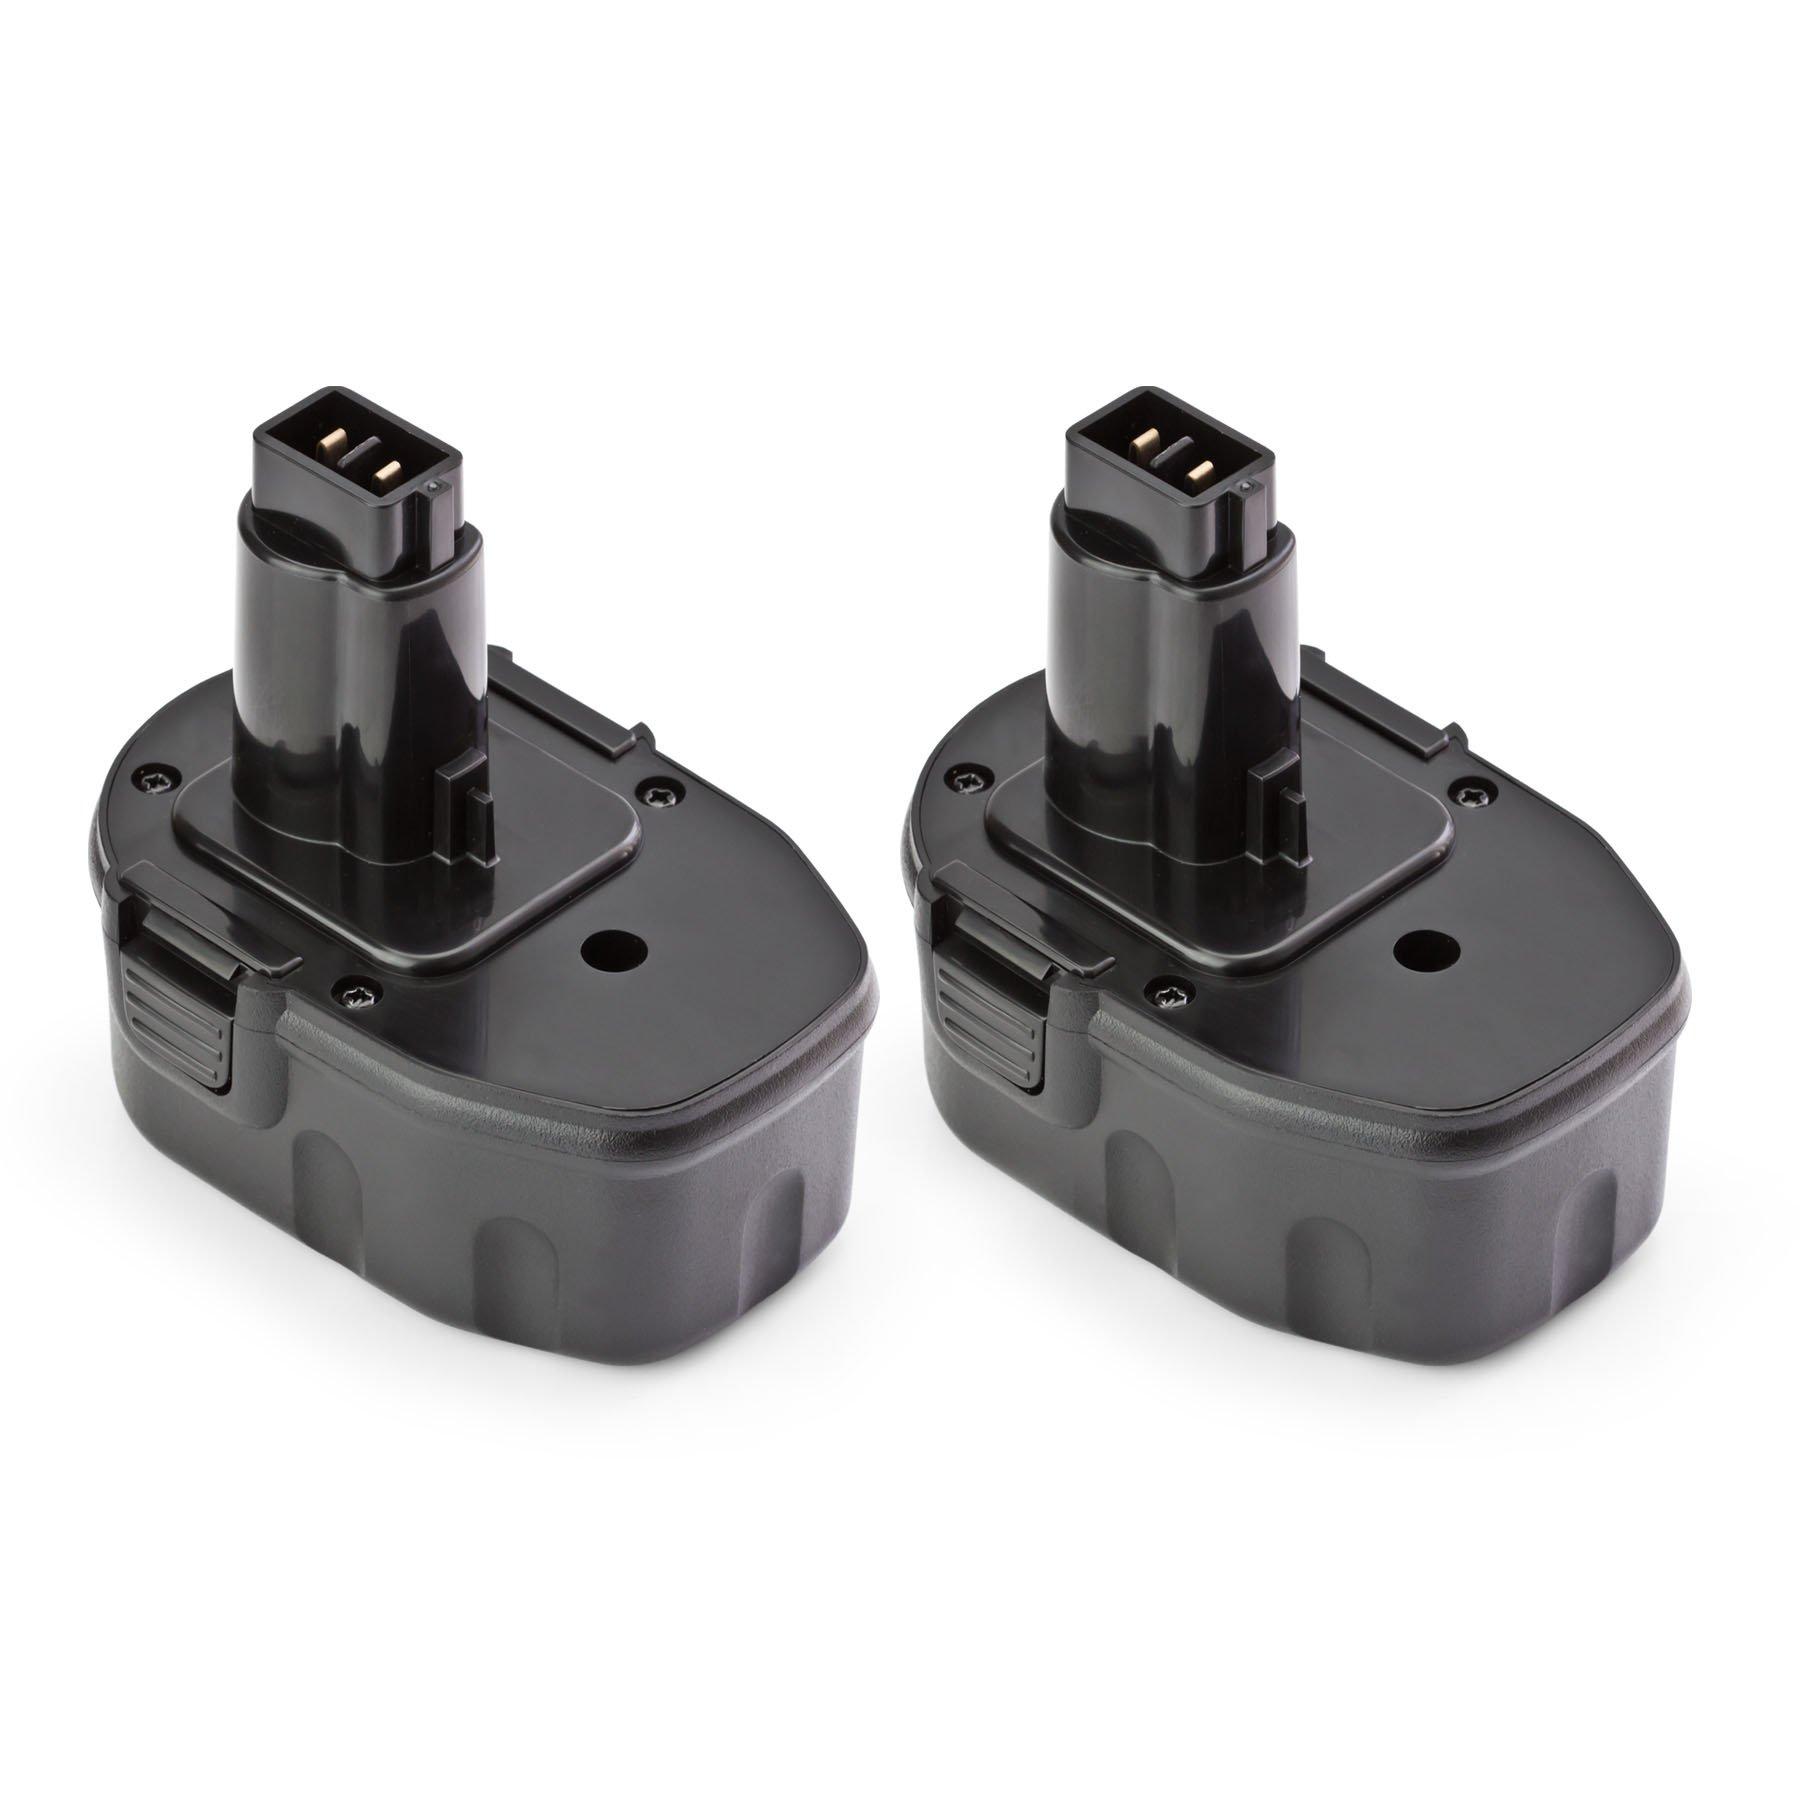 ExpertPower 2 Pack ExpertPower 14.4v 1500mAh NiMh Replacement Battery for Dewalt DC9091 DW9094 DW9091 DE9038 DE9091 DE9092 DE9094 DE9502